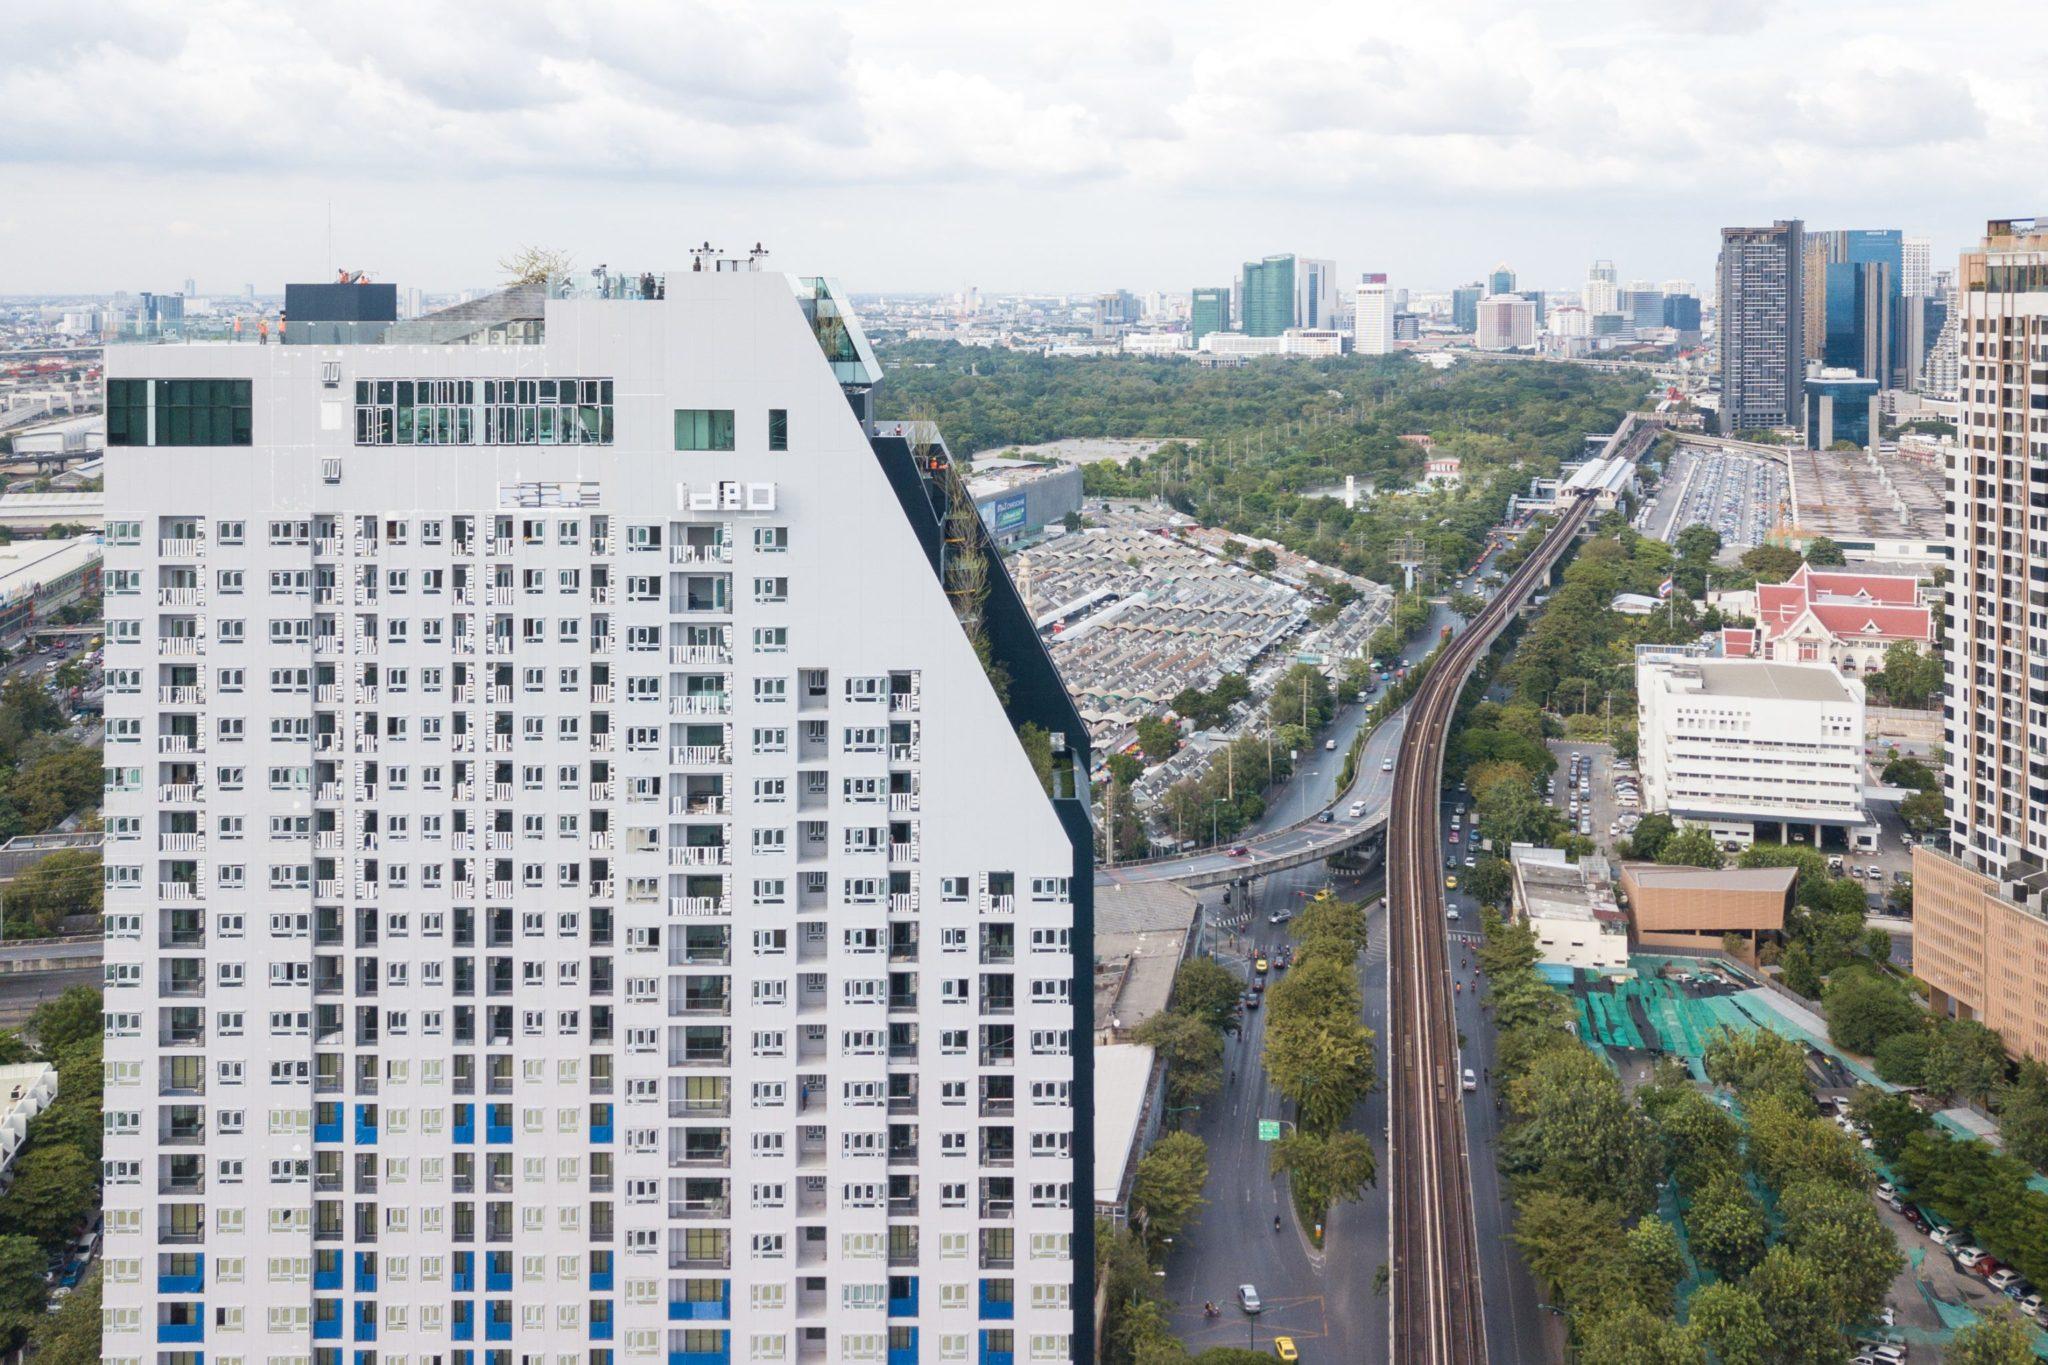 เปิดโครงการใหม่ไอดีโอ พหลโยธิน - จตุจักร คอนโดพร้อมอยู่ High-Rise สูง 35 ชั้น 16 - Ananda Development (อนันดา ดีเวลลอปเม้นท์)